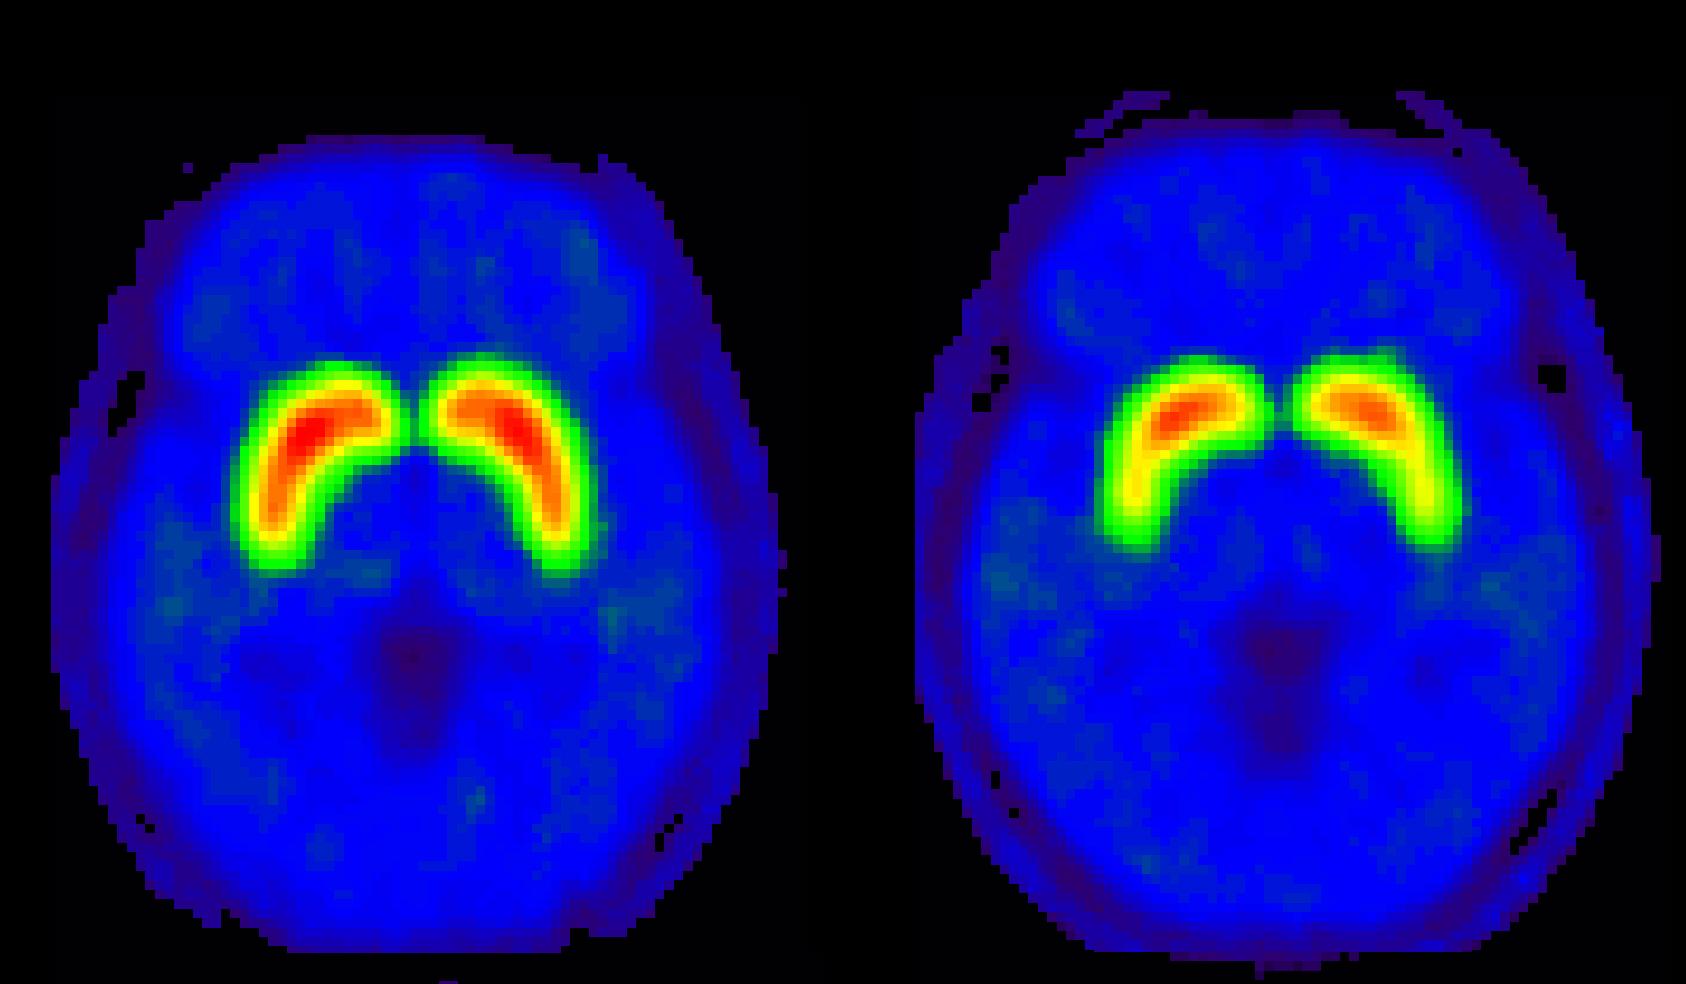 Imagem PET-SCAN mostrando o uso do sistema dopaminergico.